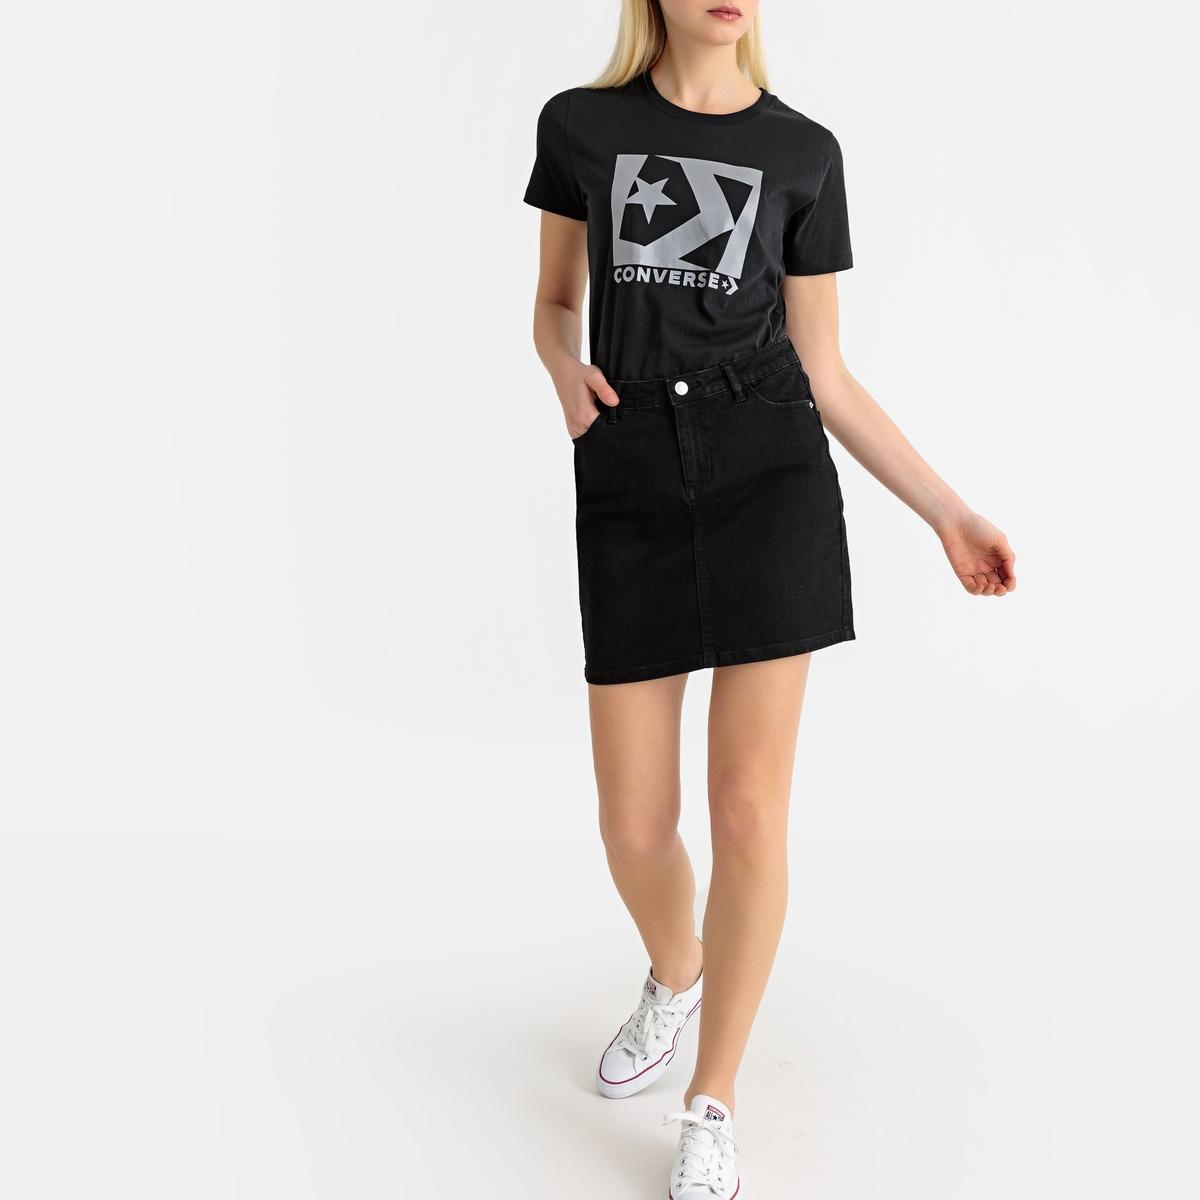 Imagen secundaria de producto de Camiseta Box Star Chevron Tee - Converse